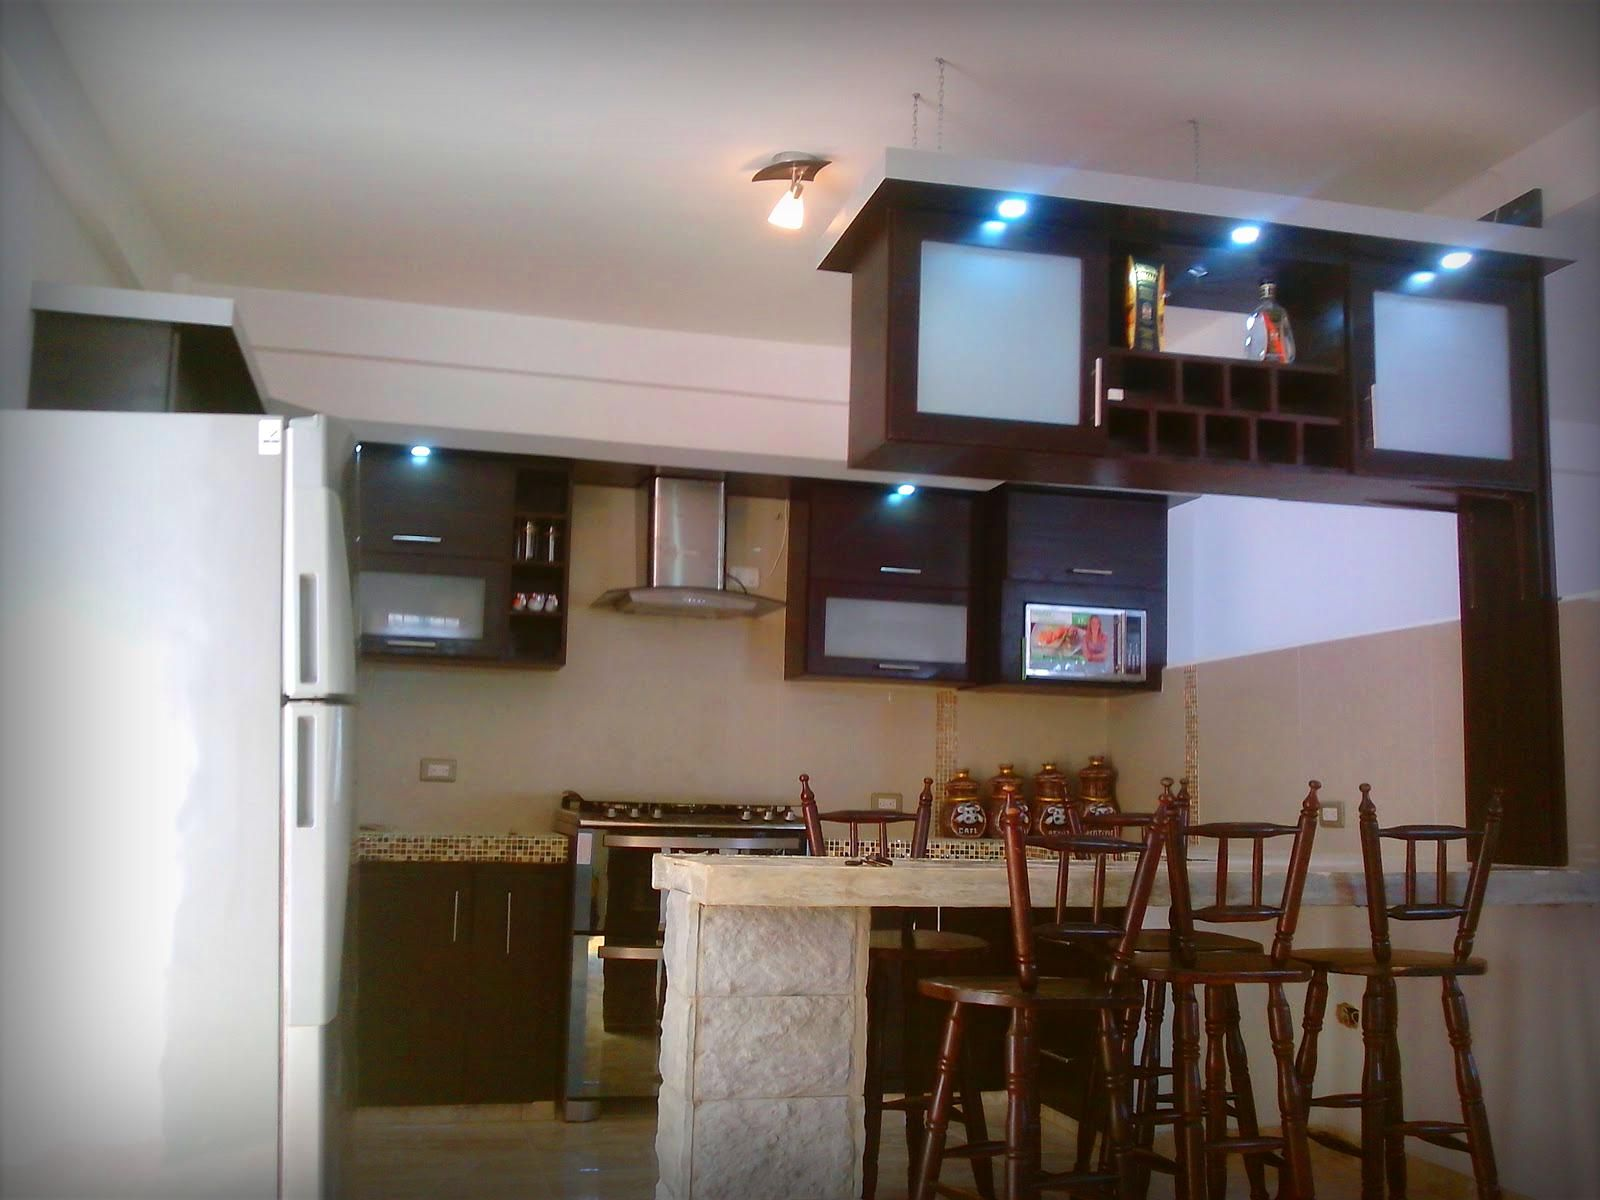 Vinera personalizada para tu mueble de cocina vineras for Disenos de muebles de cocina colgantes